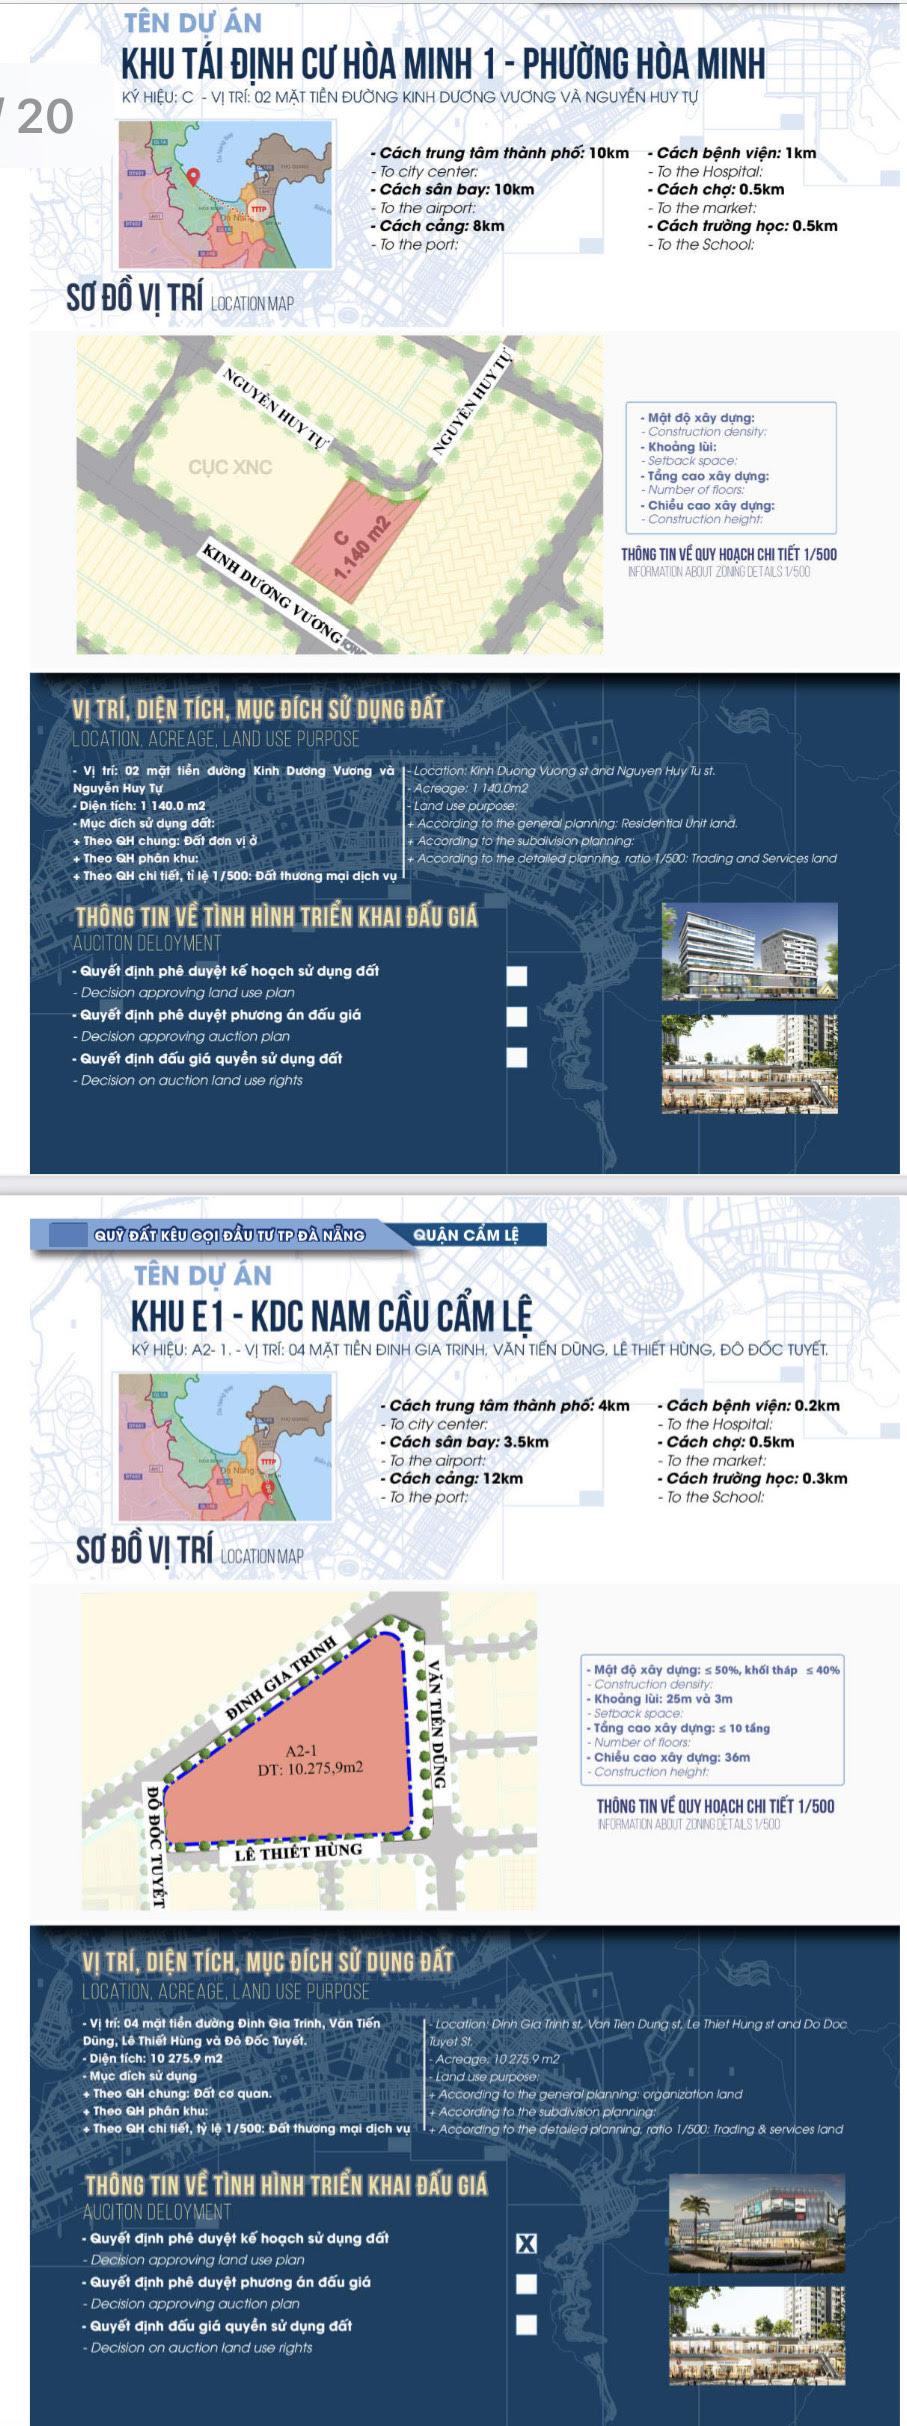 Sau sốt đất, Đà Nẵng bất ngờ công bố chi tiết 22 khu đất sạch kêu gọi đầu tư - Ảnh 2.